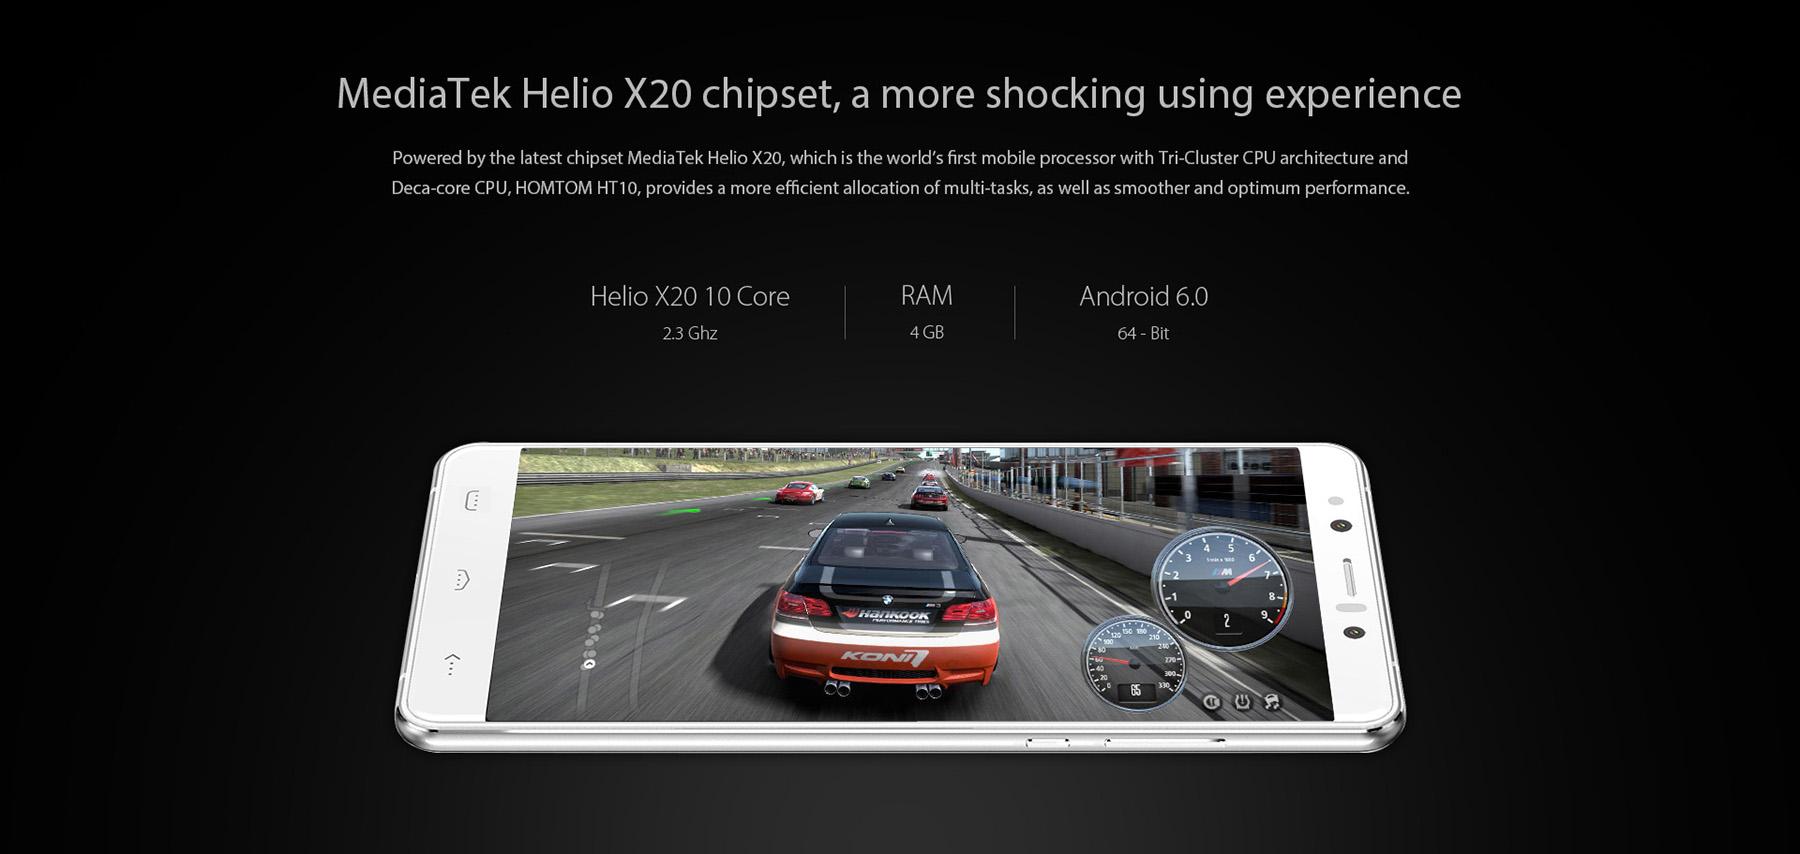 HOMTOM HT10 – plné LTE, 4 GB RAM a 21MPx fotoaparát [sponzorovaný článek]